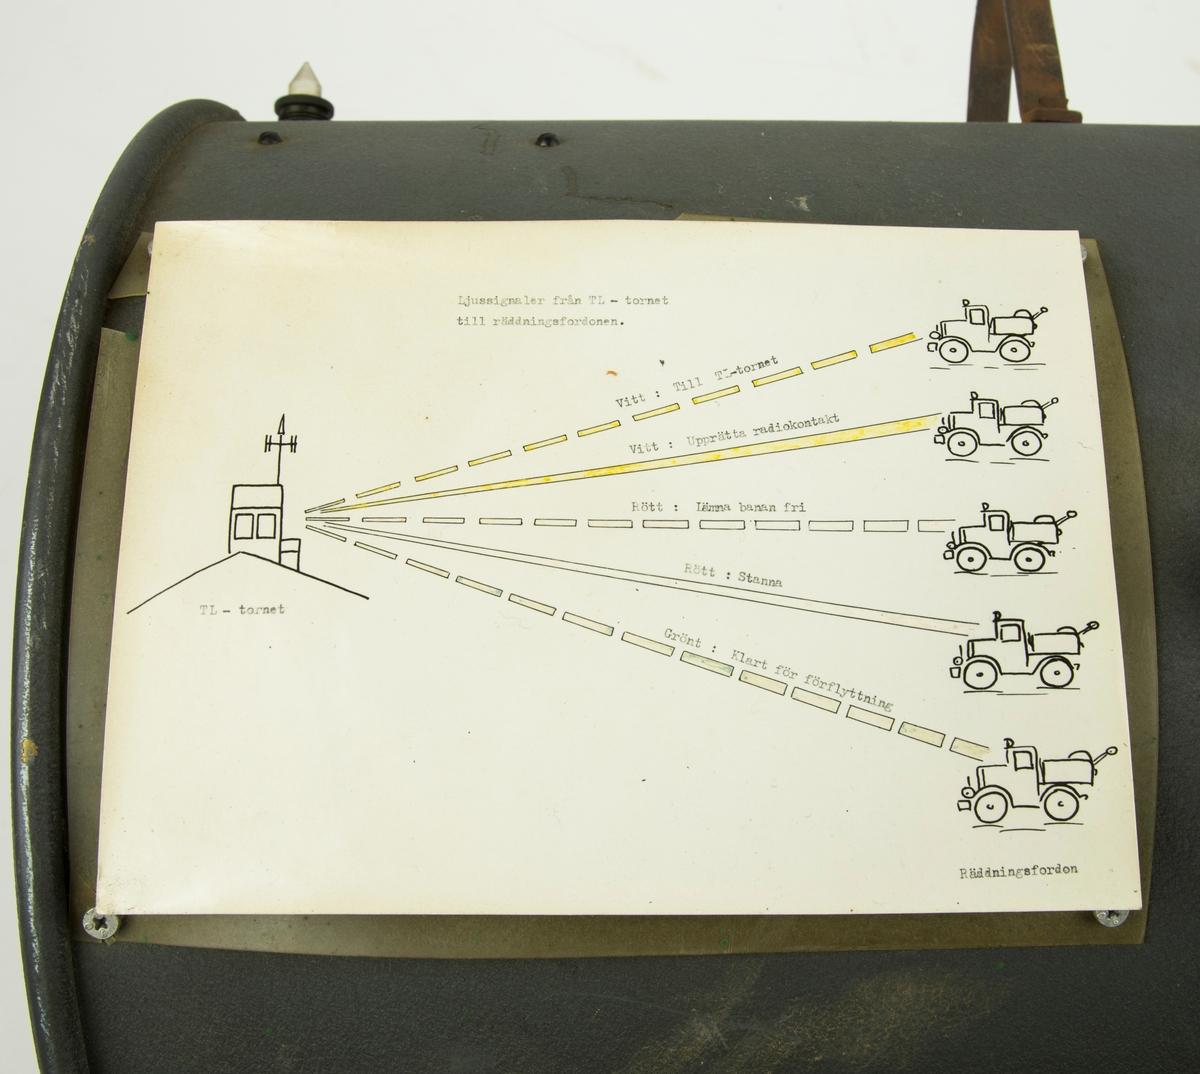 Signalstrålkastare för att sända signaler från trafikledartorn till räddningsfordorn.